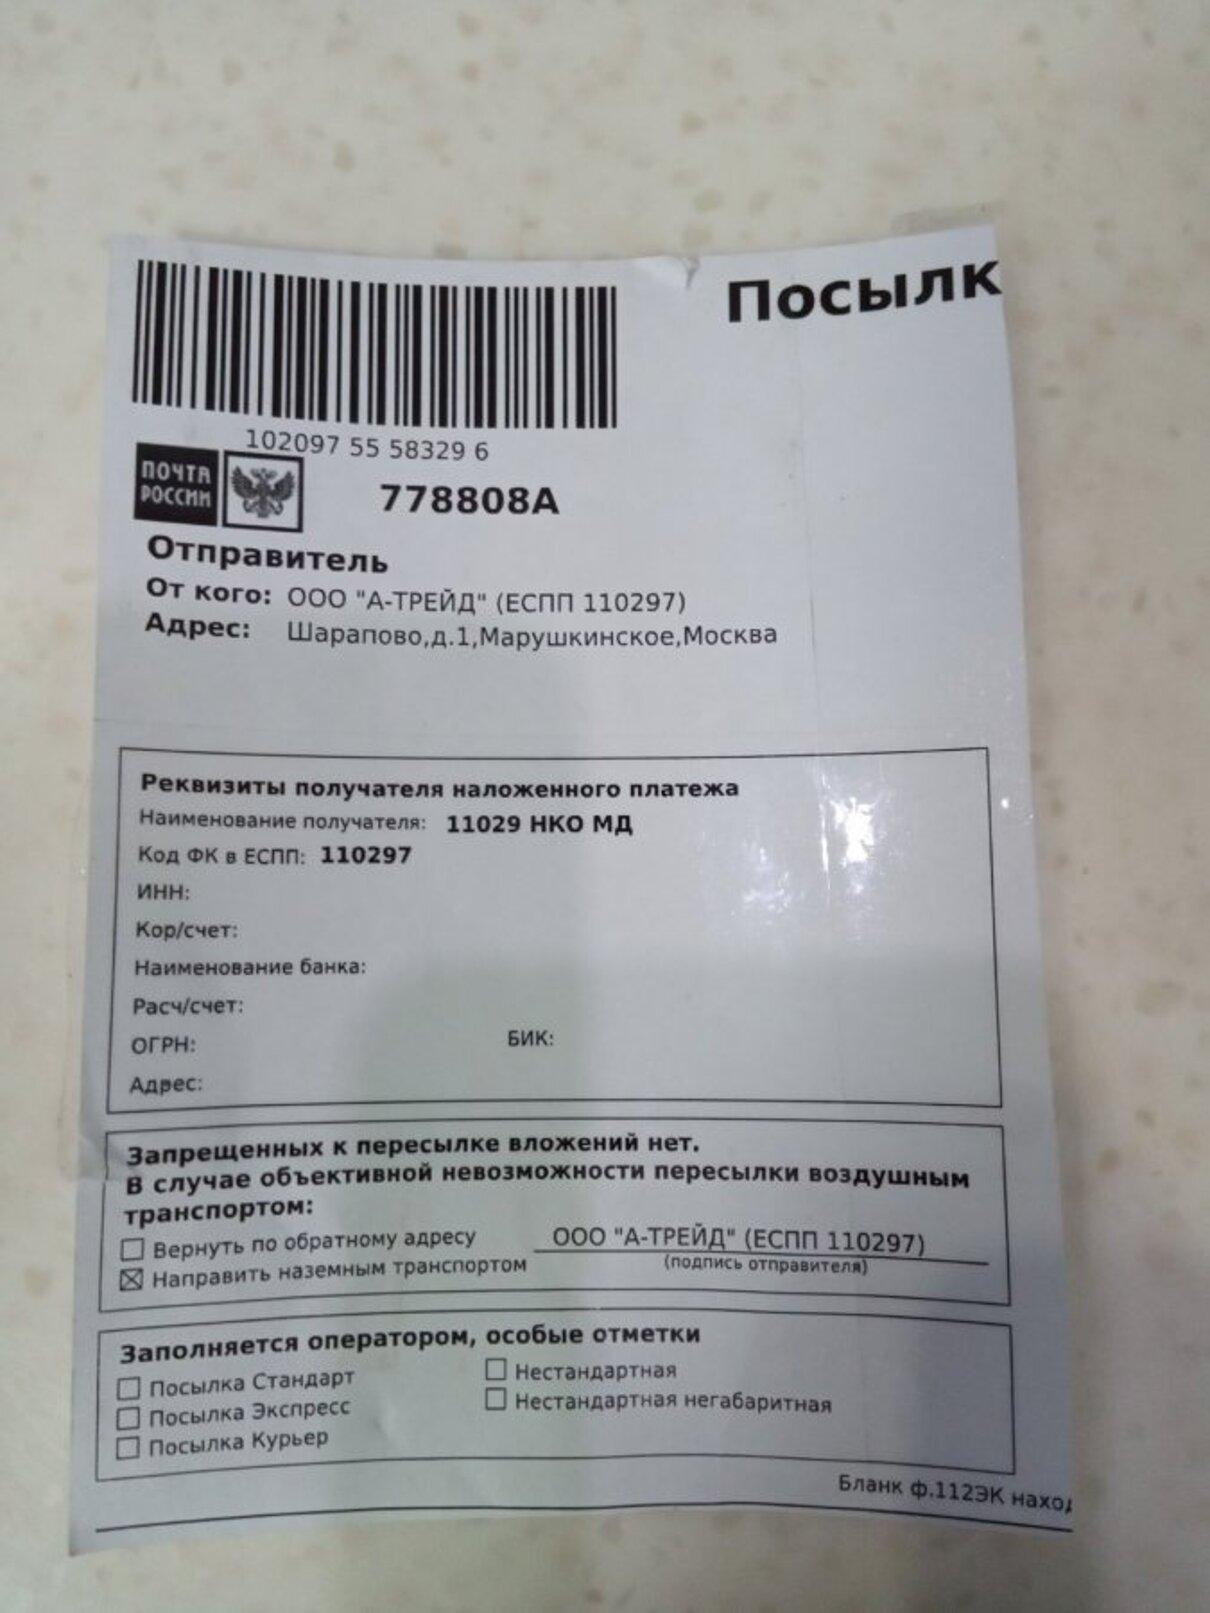 Жалоба-отзыв: ООО А-ТРЕЙД (ЕСПП 110297) - ОБМАН и МОШЕЙНИЧЕСТВО.  Фото №3